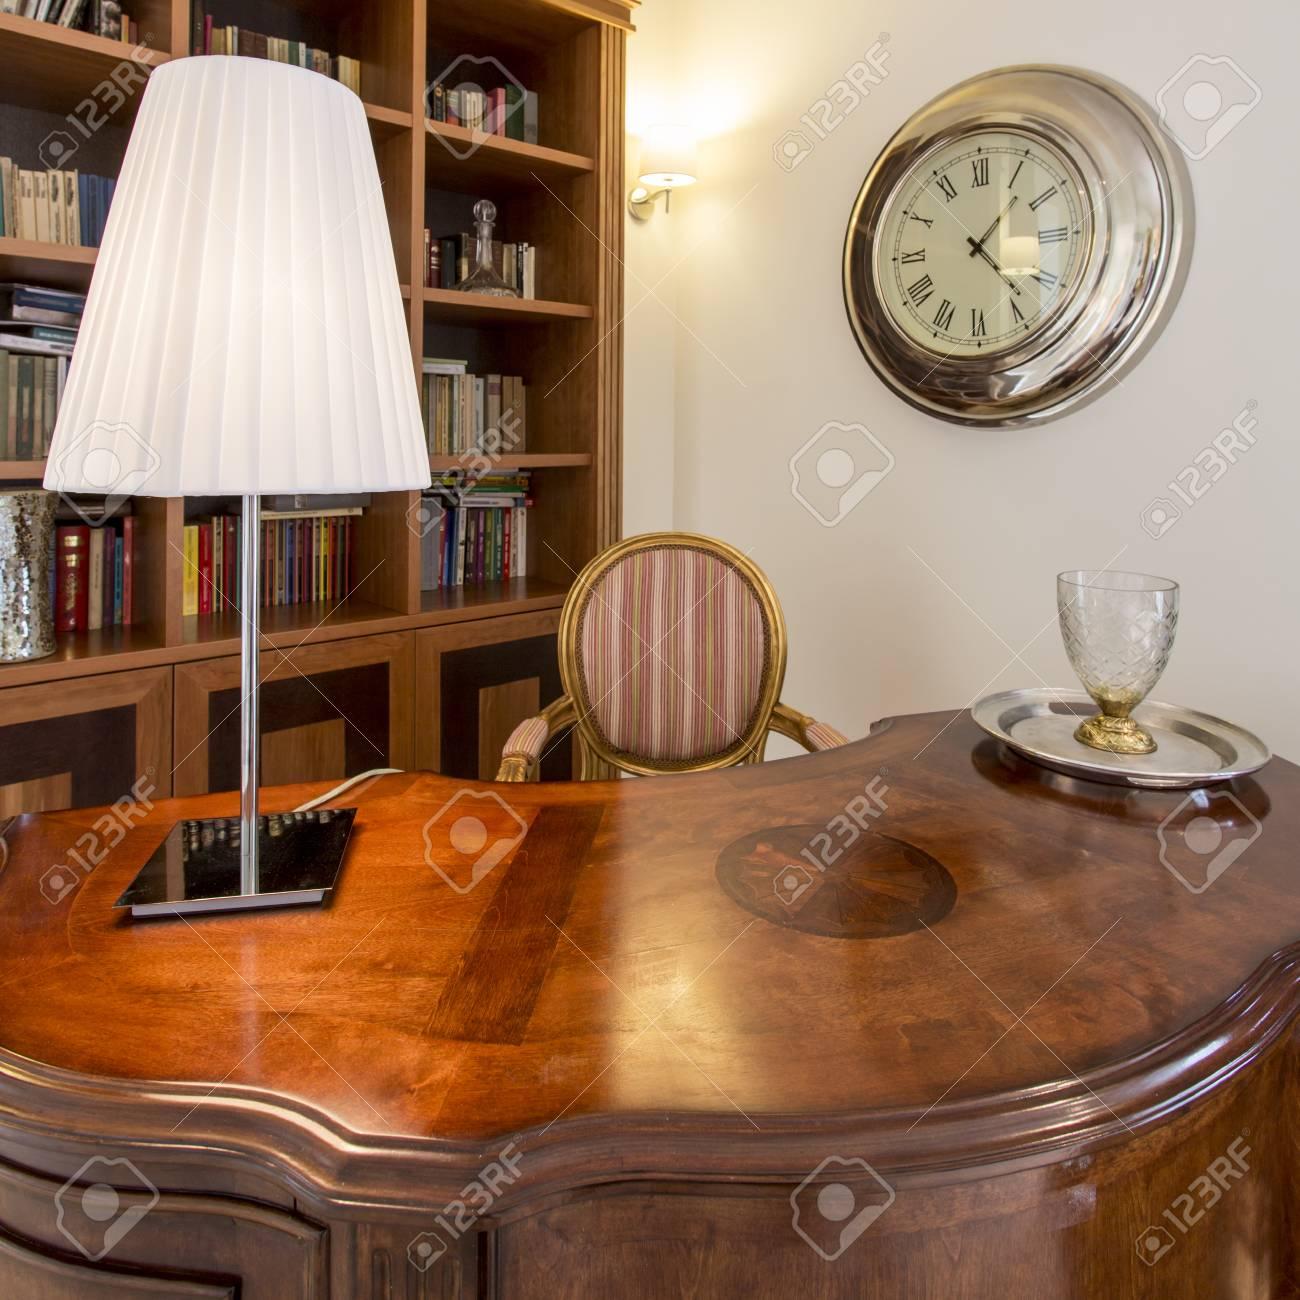 Finest Banque Dimages Bureau Lgant Avec Dartisanat En Bois De Style Colonial Lampe Et Chaise Rembourre With